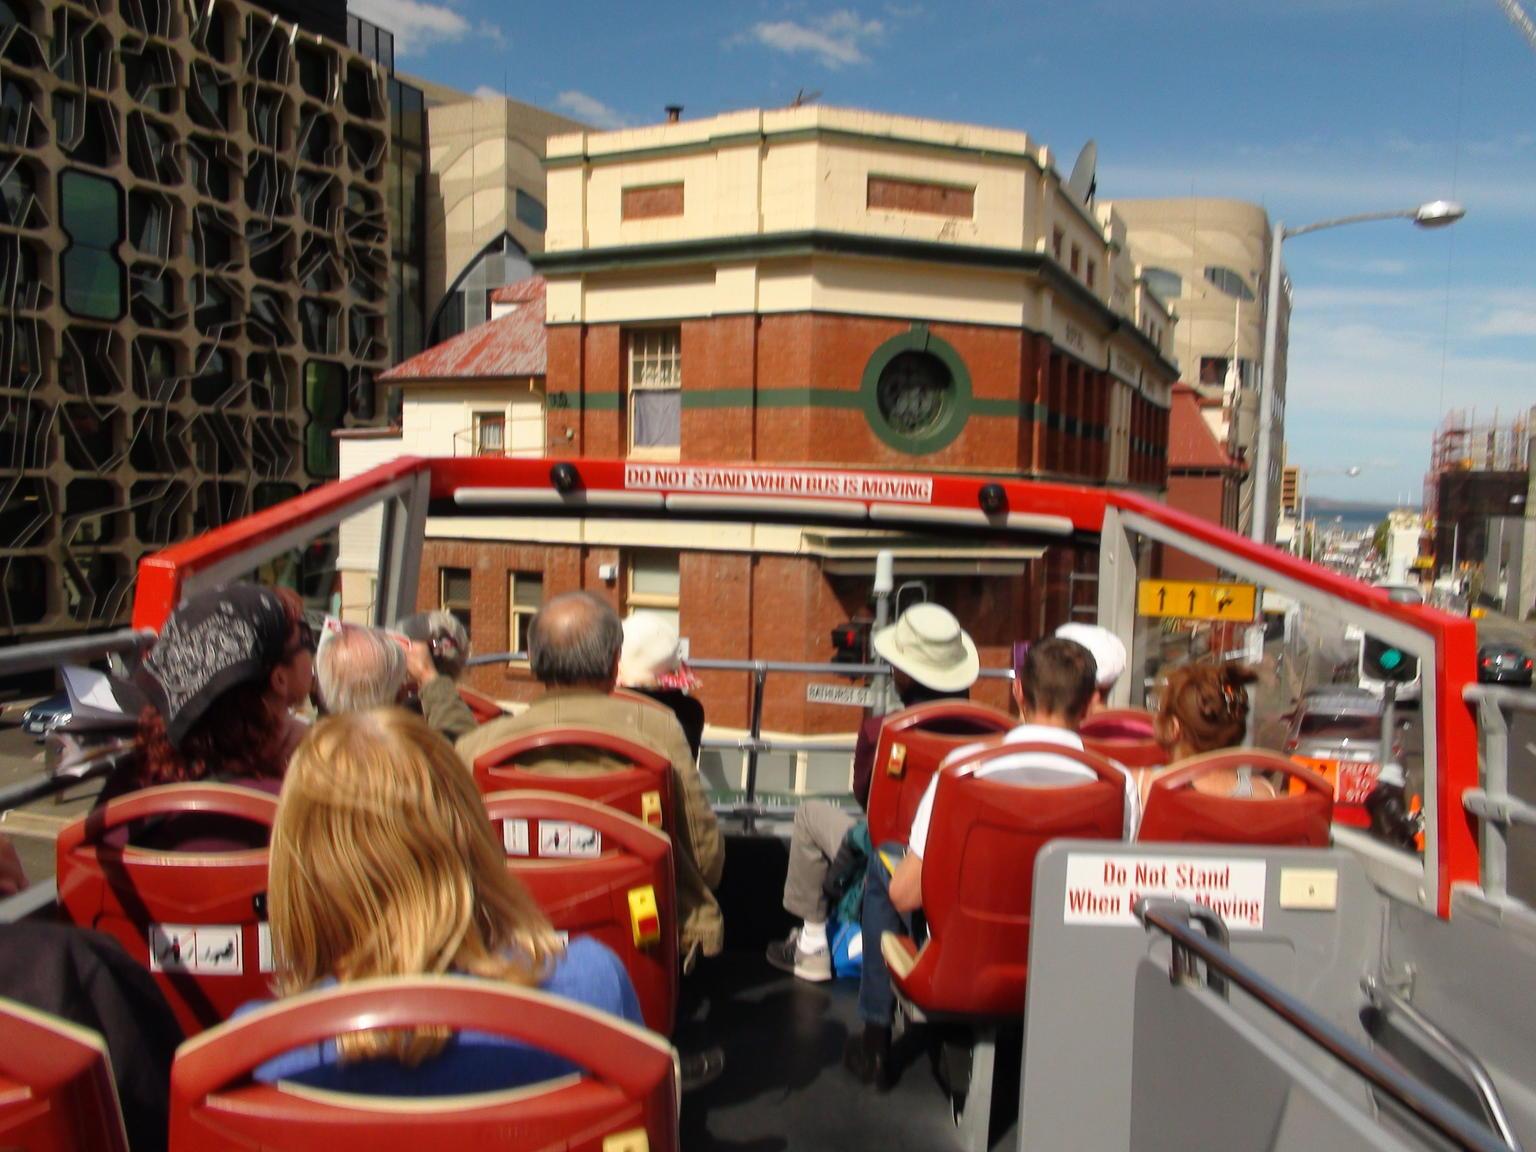 MÁS FOTOS, Recorrido en autobús con paradas libres por Hobart